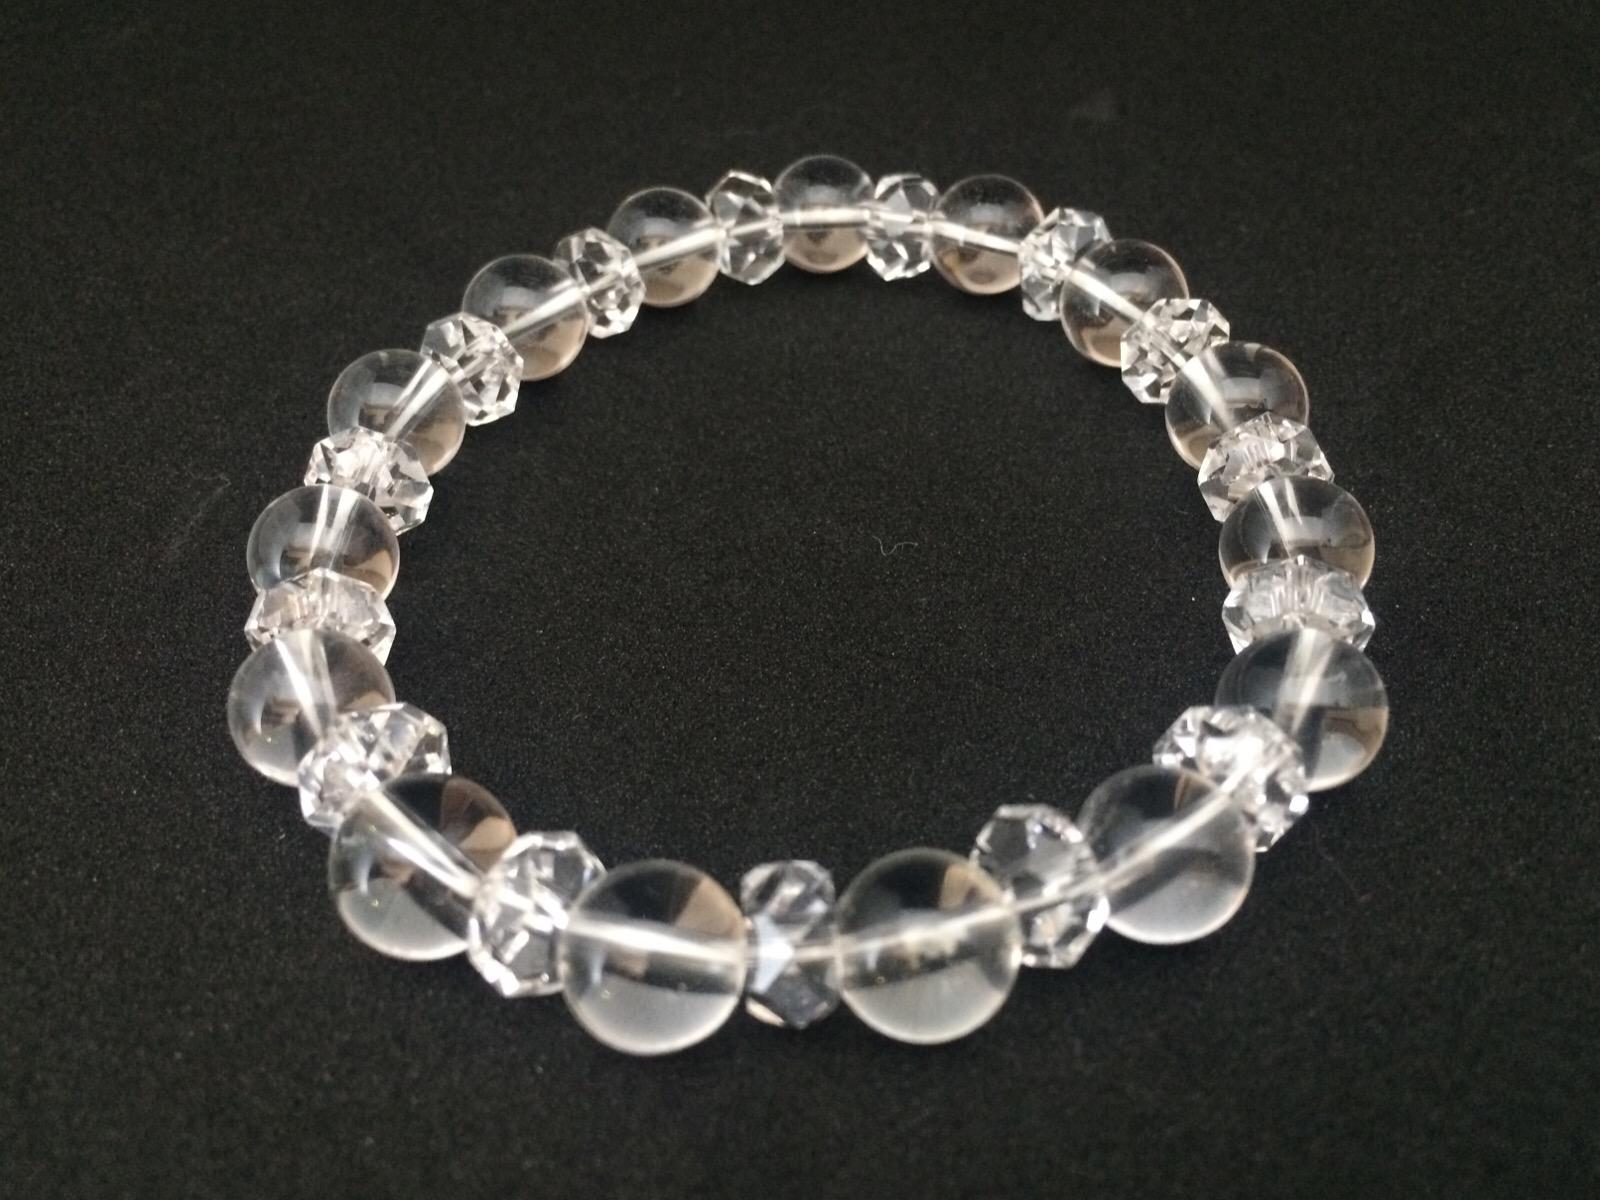 パワーストーンの水晶が偽物か本物かを見分けるポイント